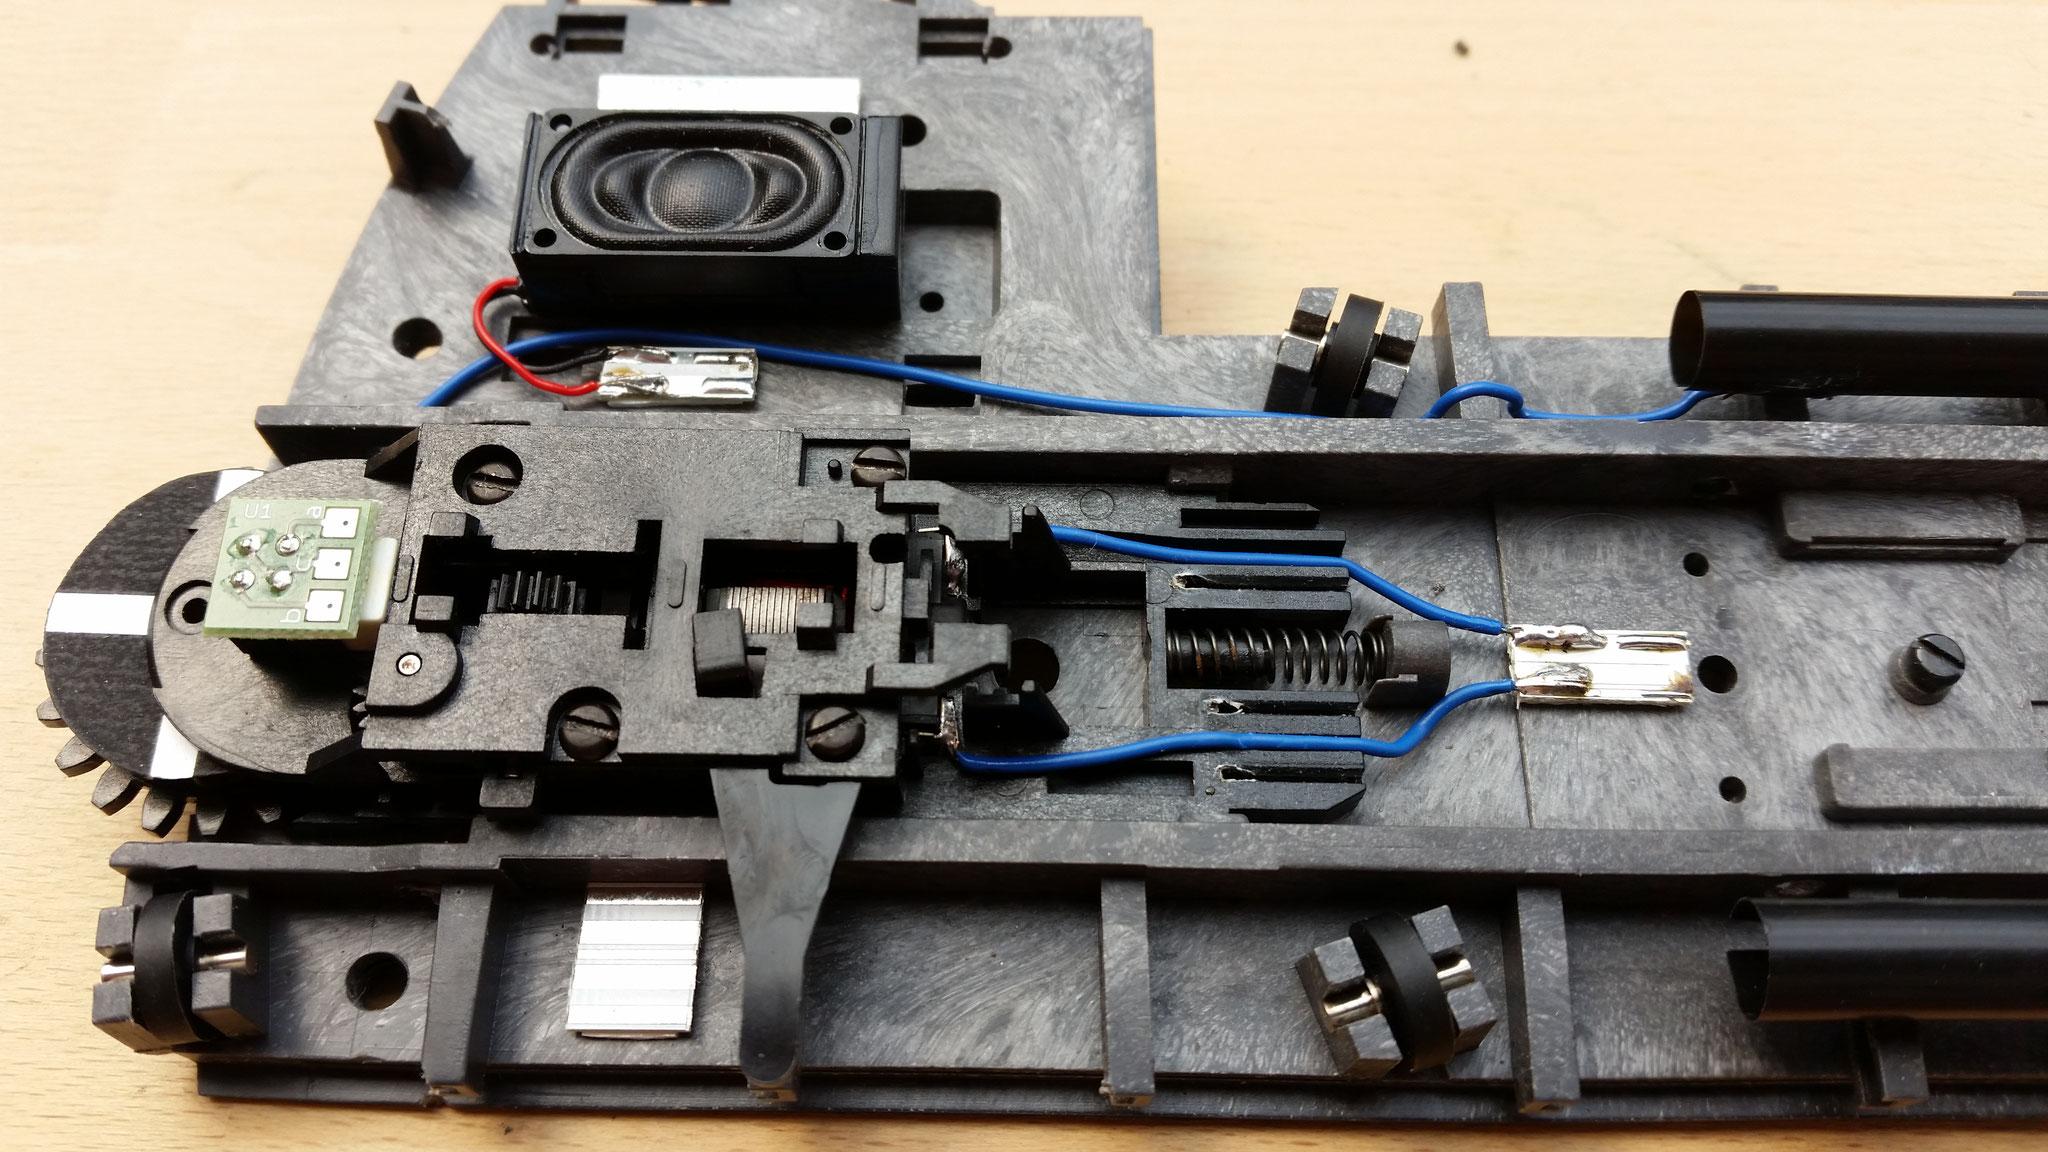 Motorblock eingebaut und an Lötpad angeschlossen